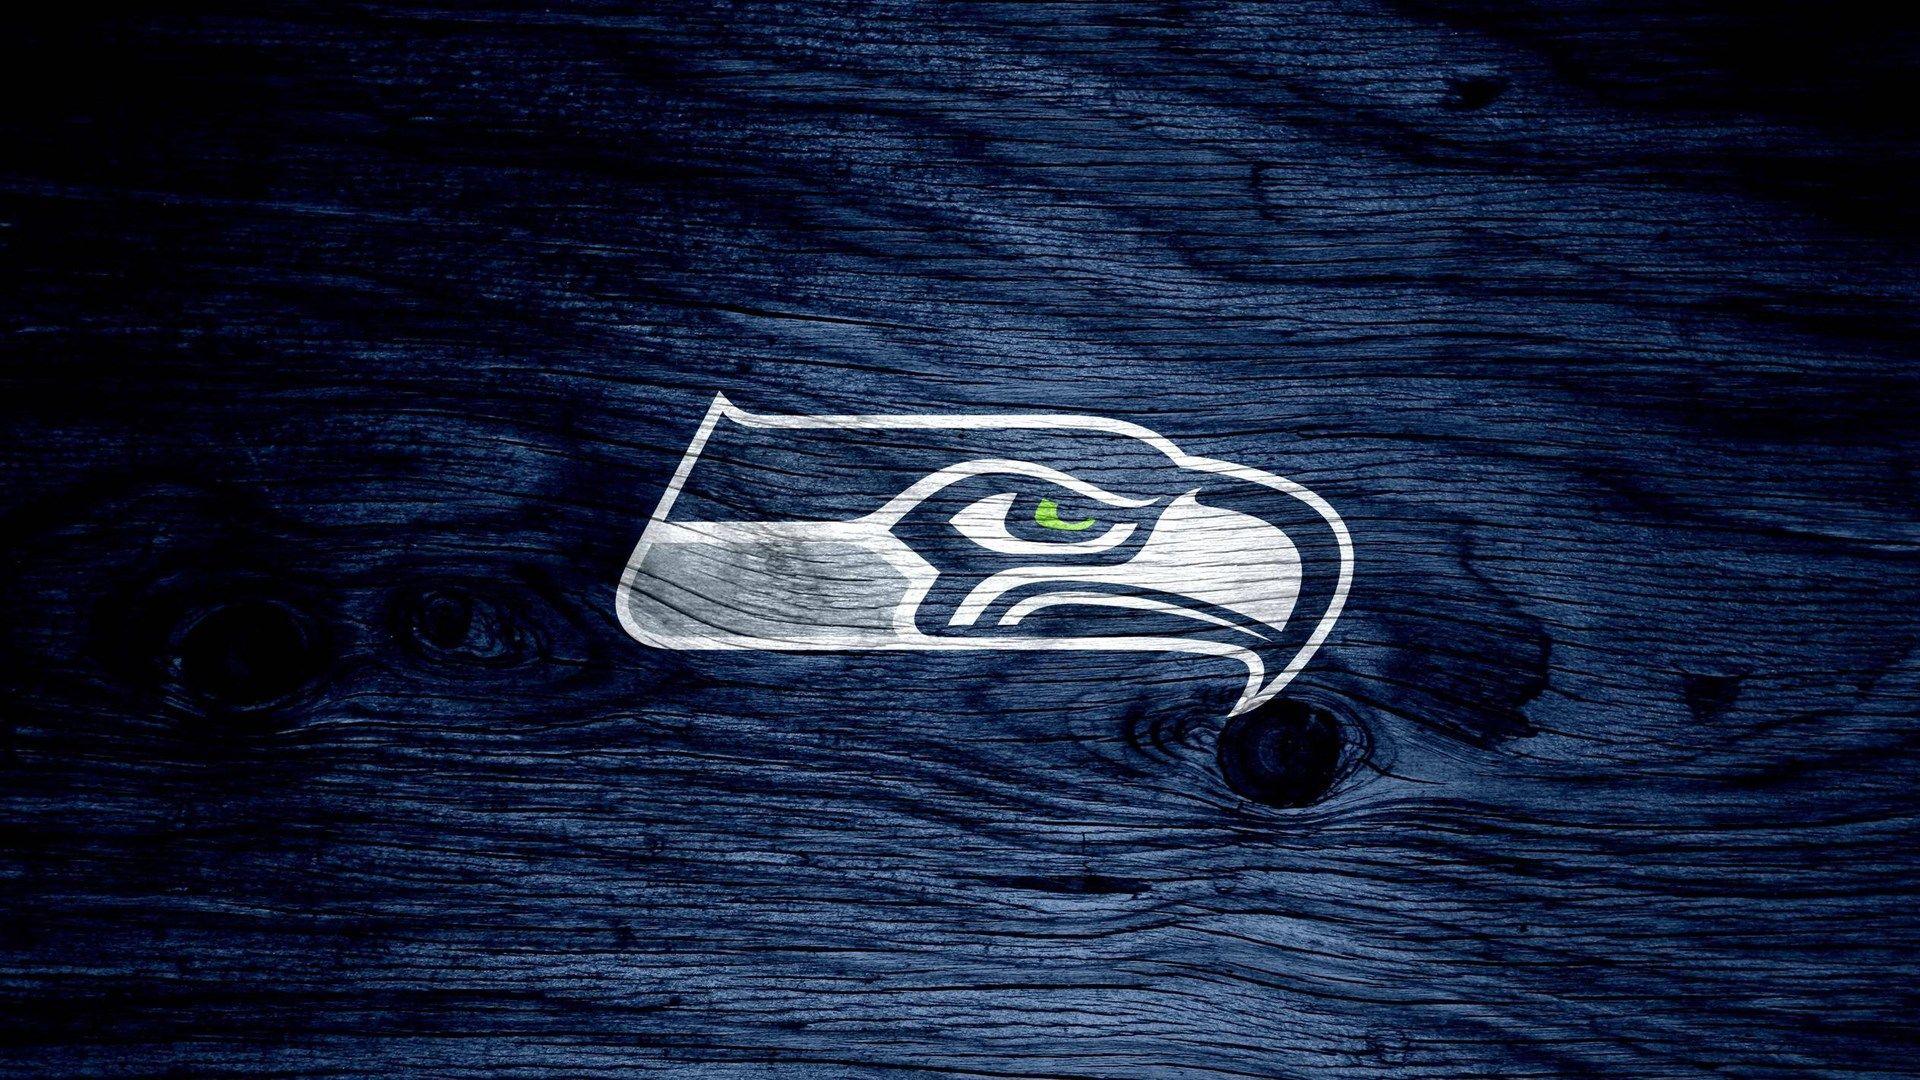 Seattle Seahawks Background Wallpaper HD